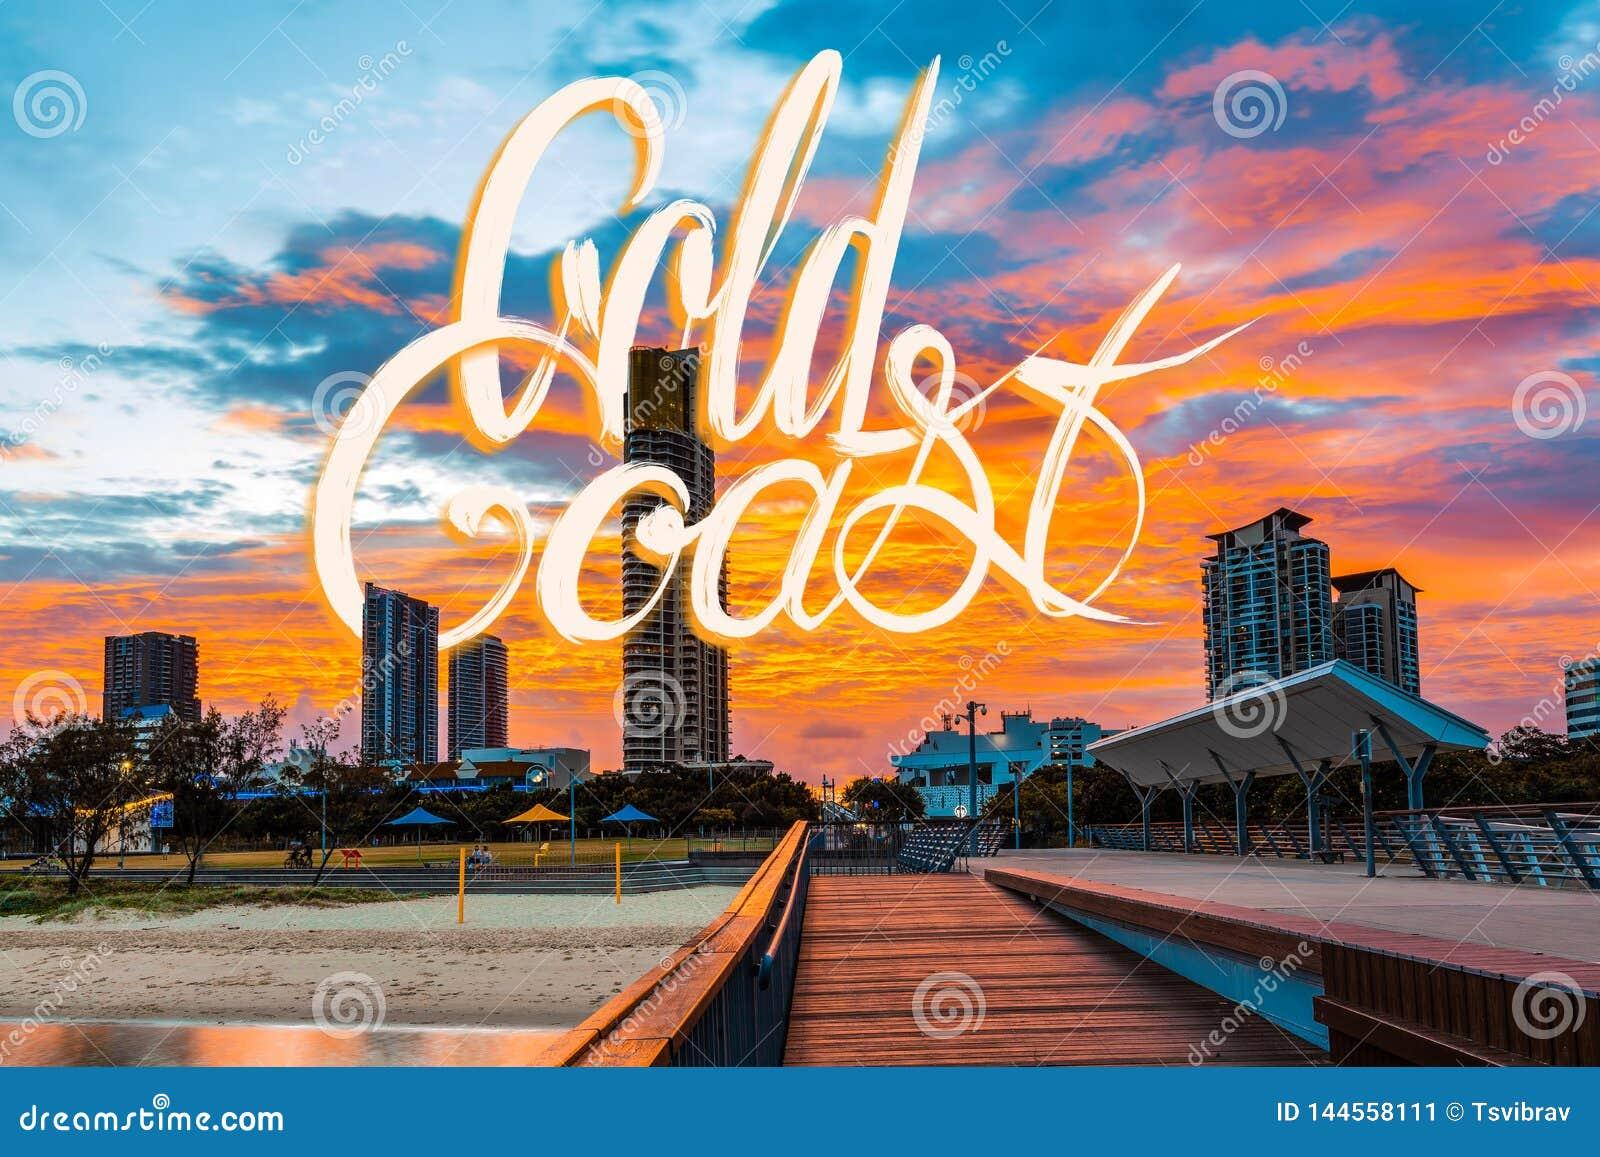 Gold Coast-het van letters voorzien op foto van mooie levendige oranje zonsondergang in Queensland, Australië